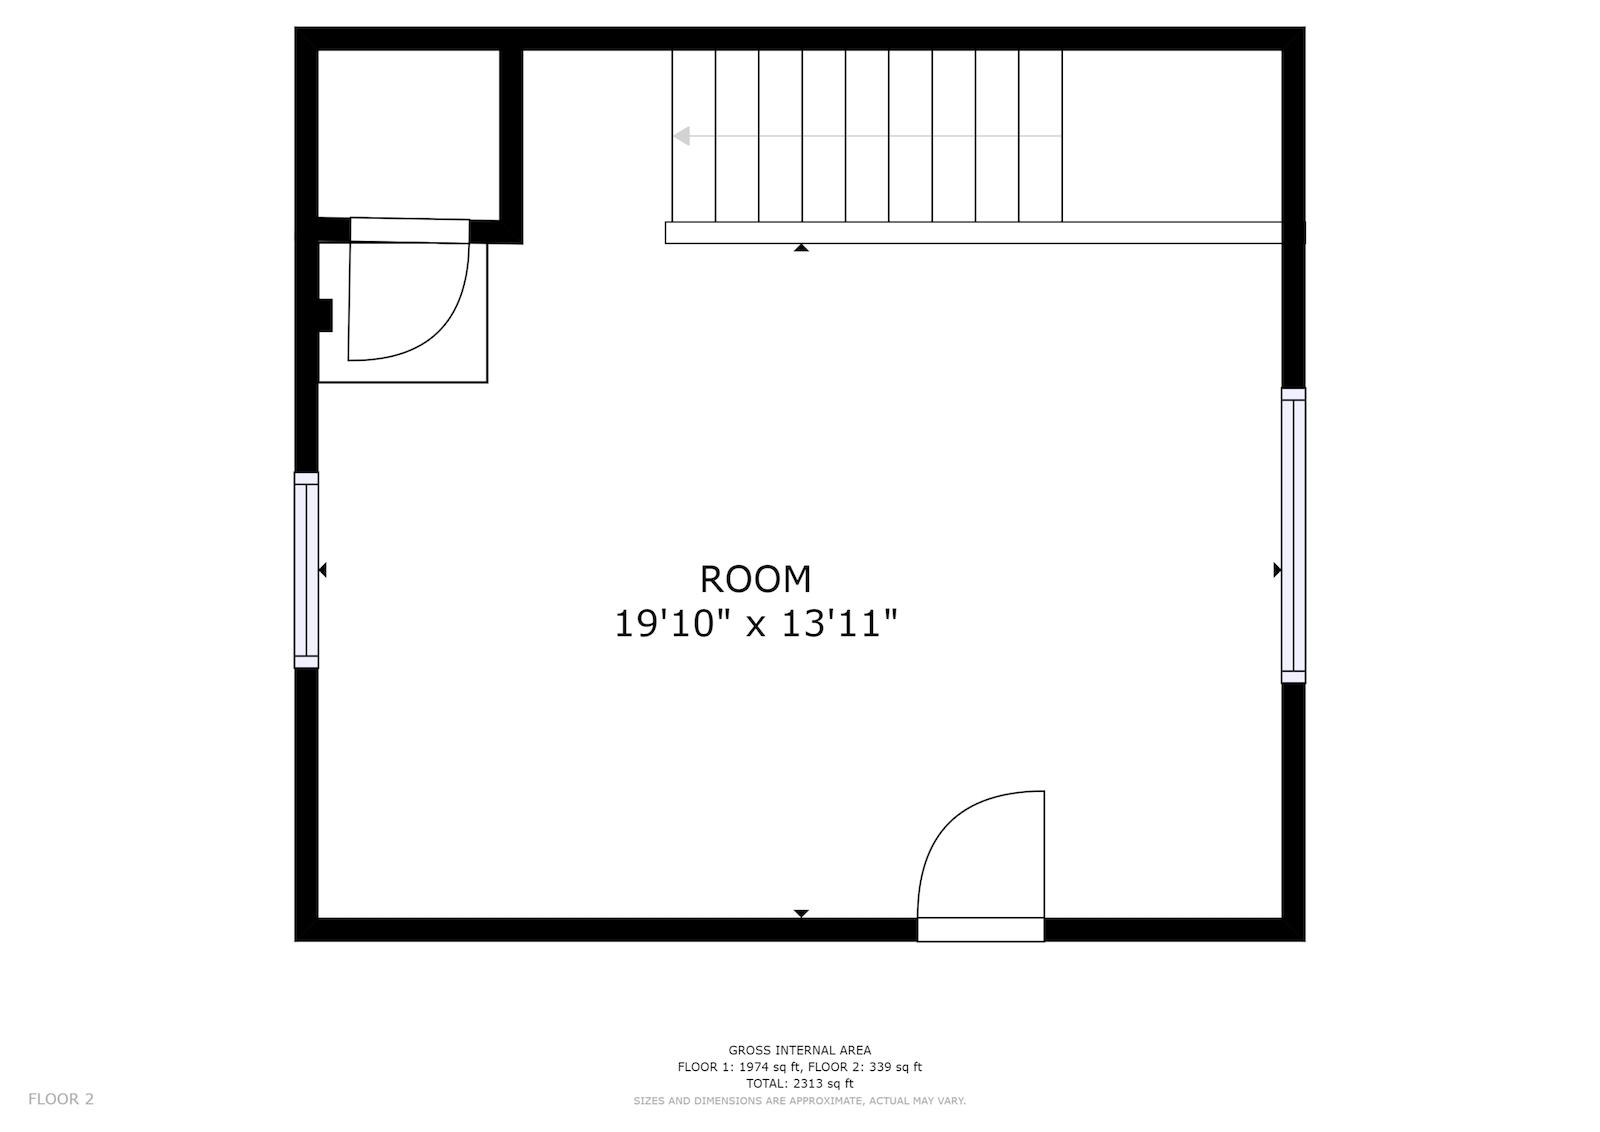 floor plan room